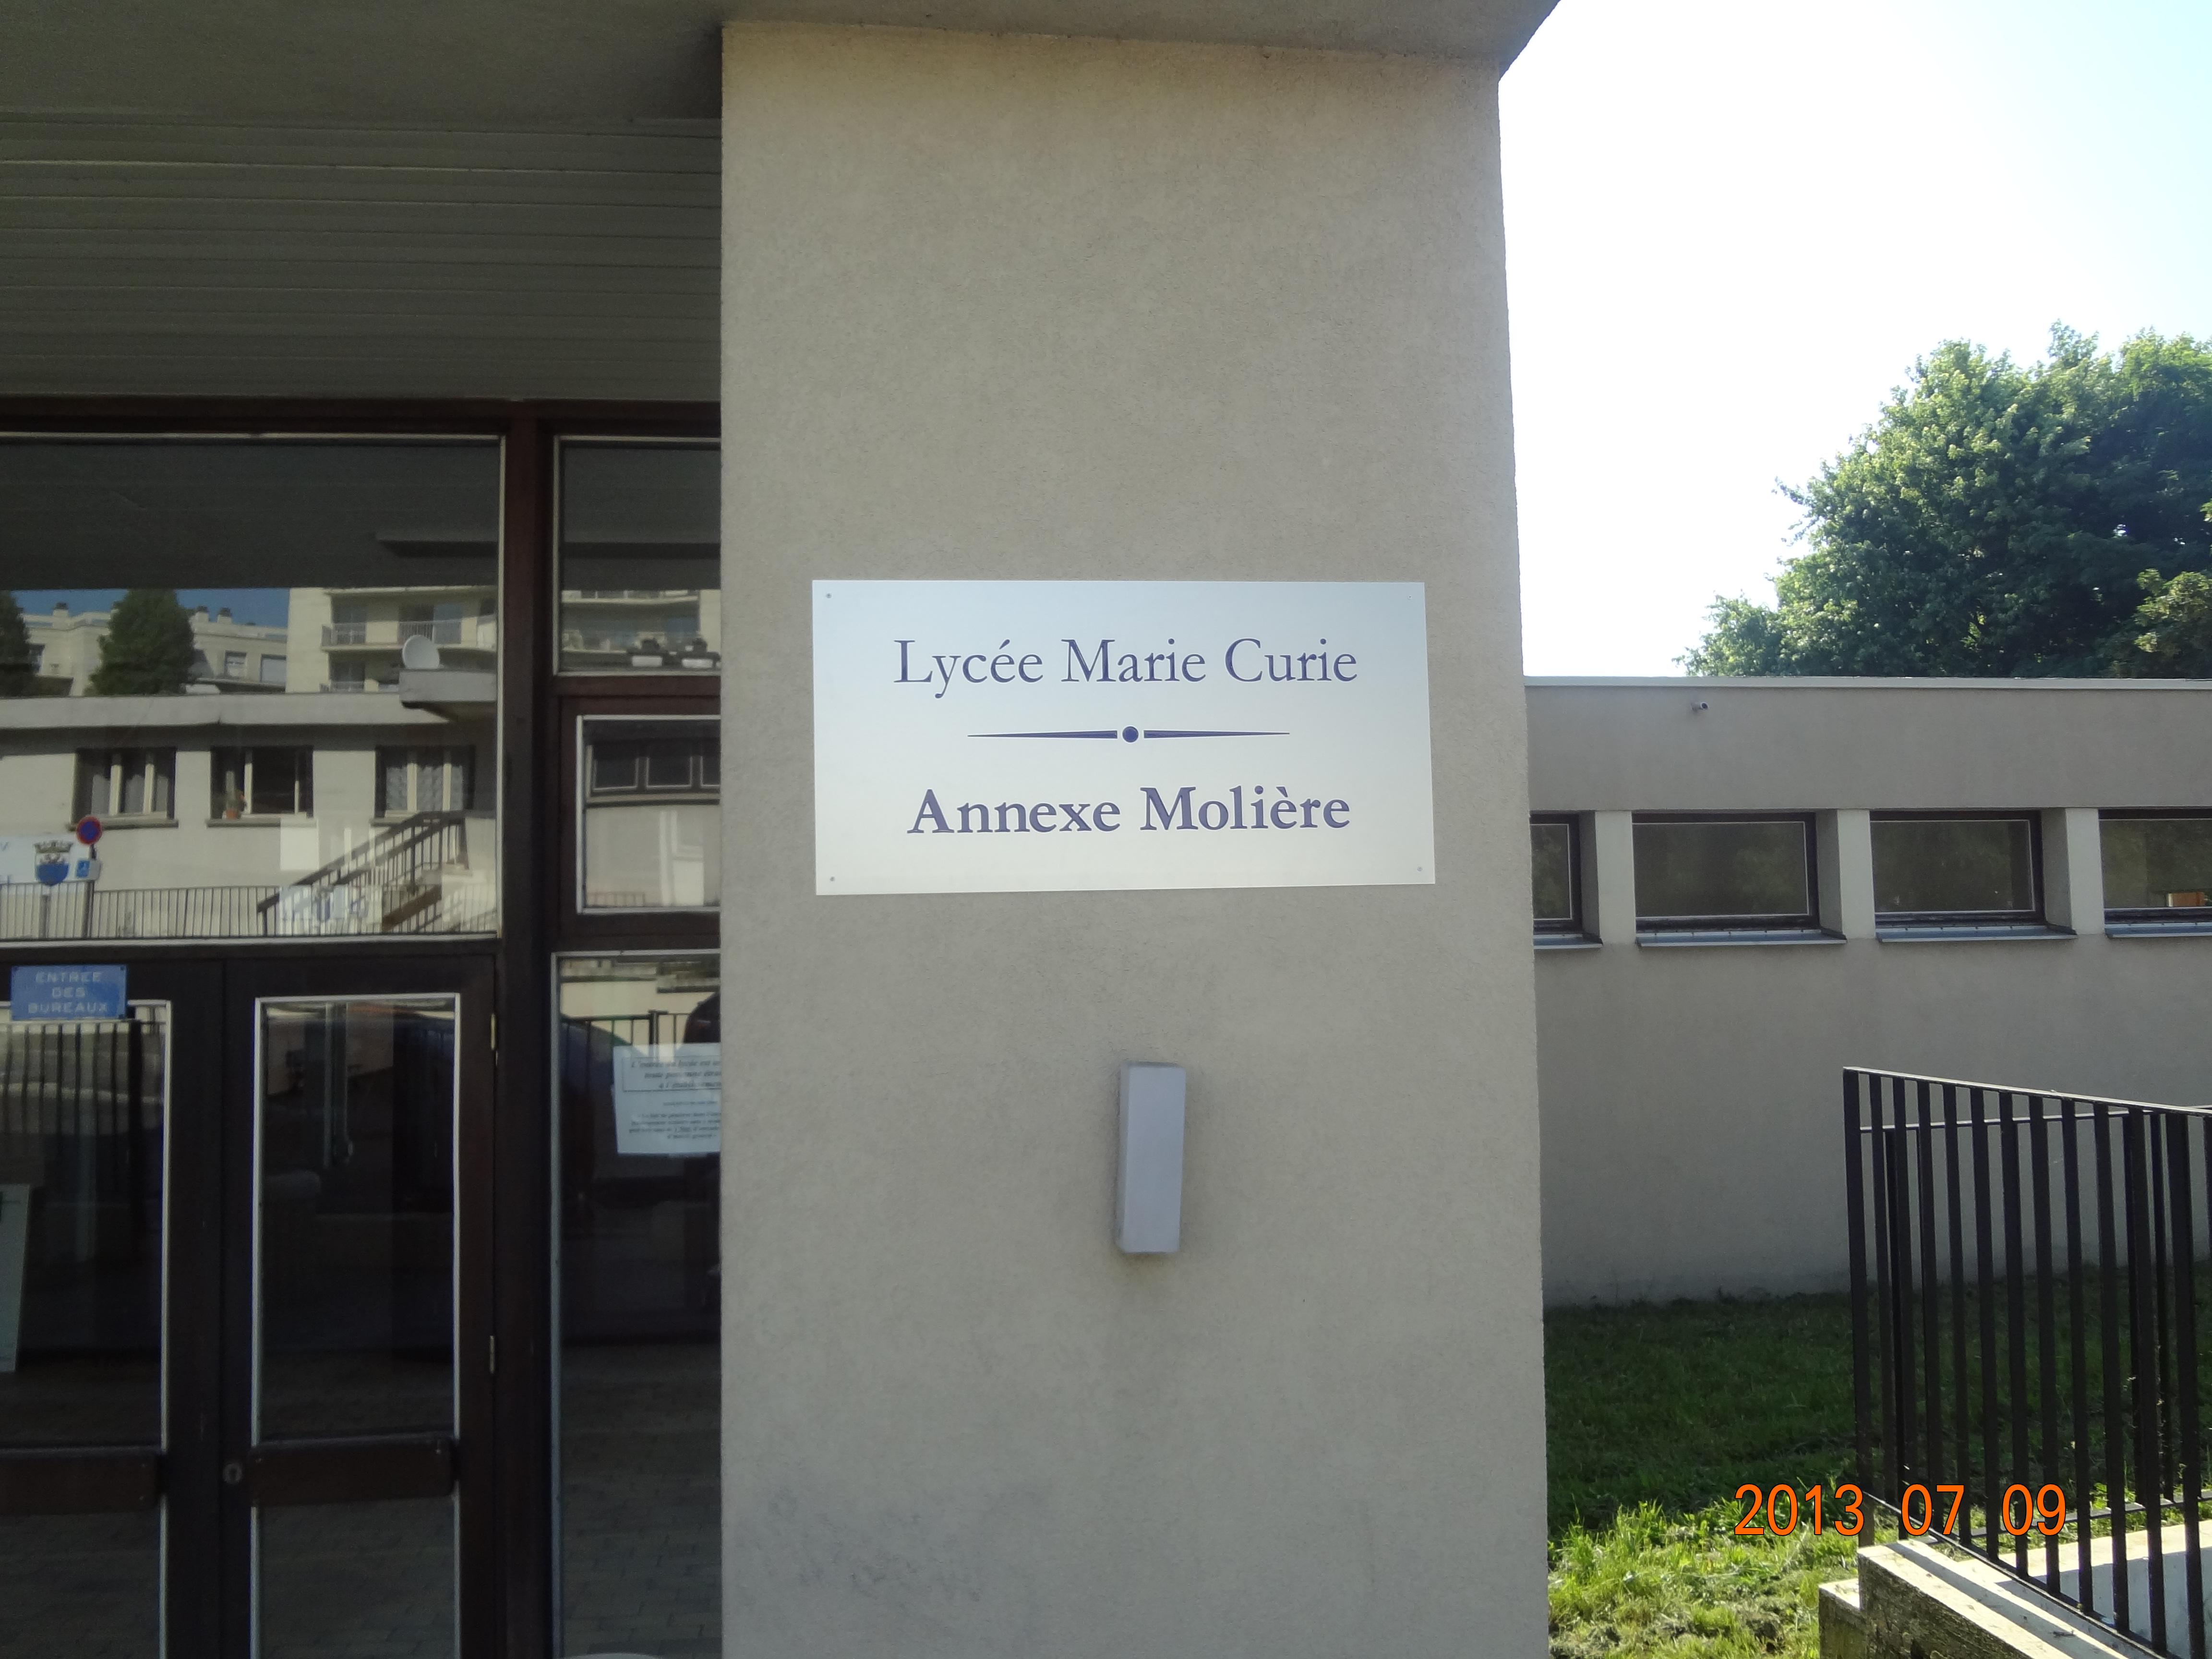 nom du lycée sur panneau extérieur